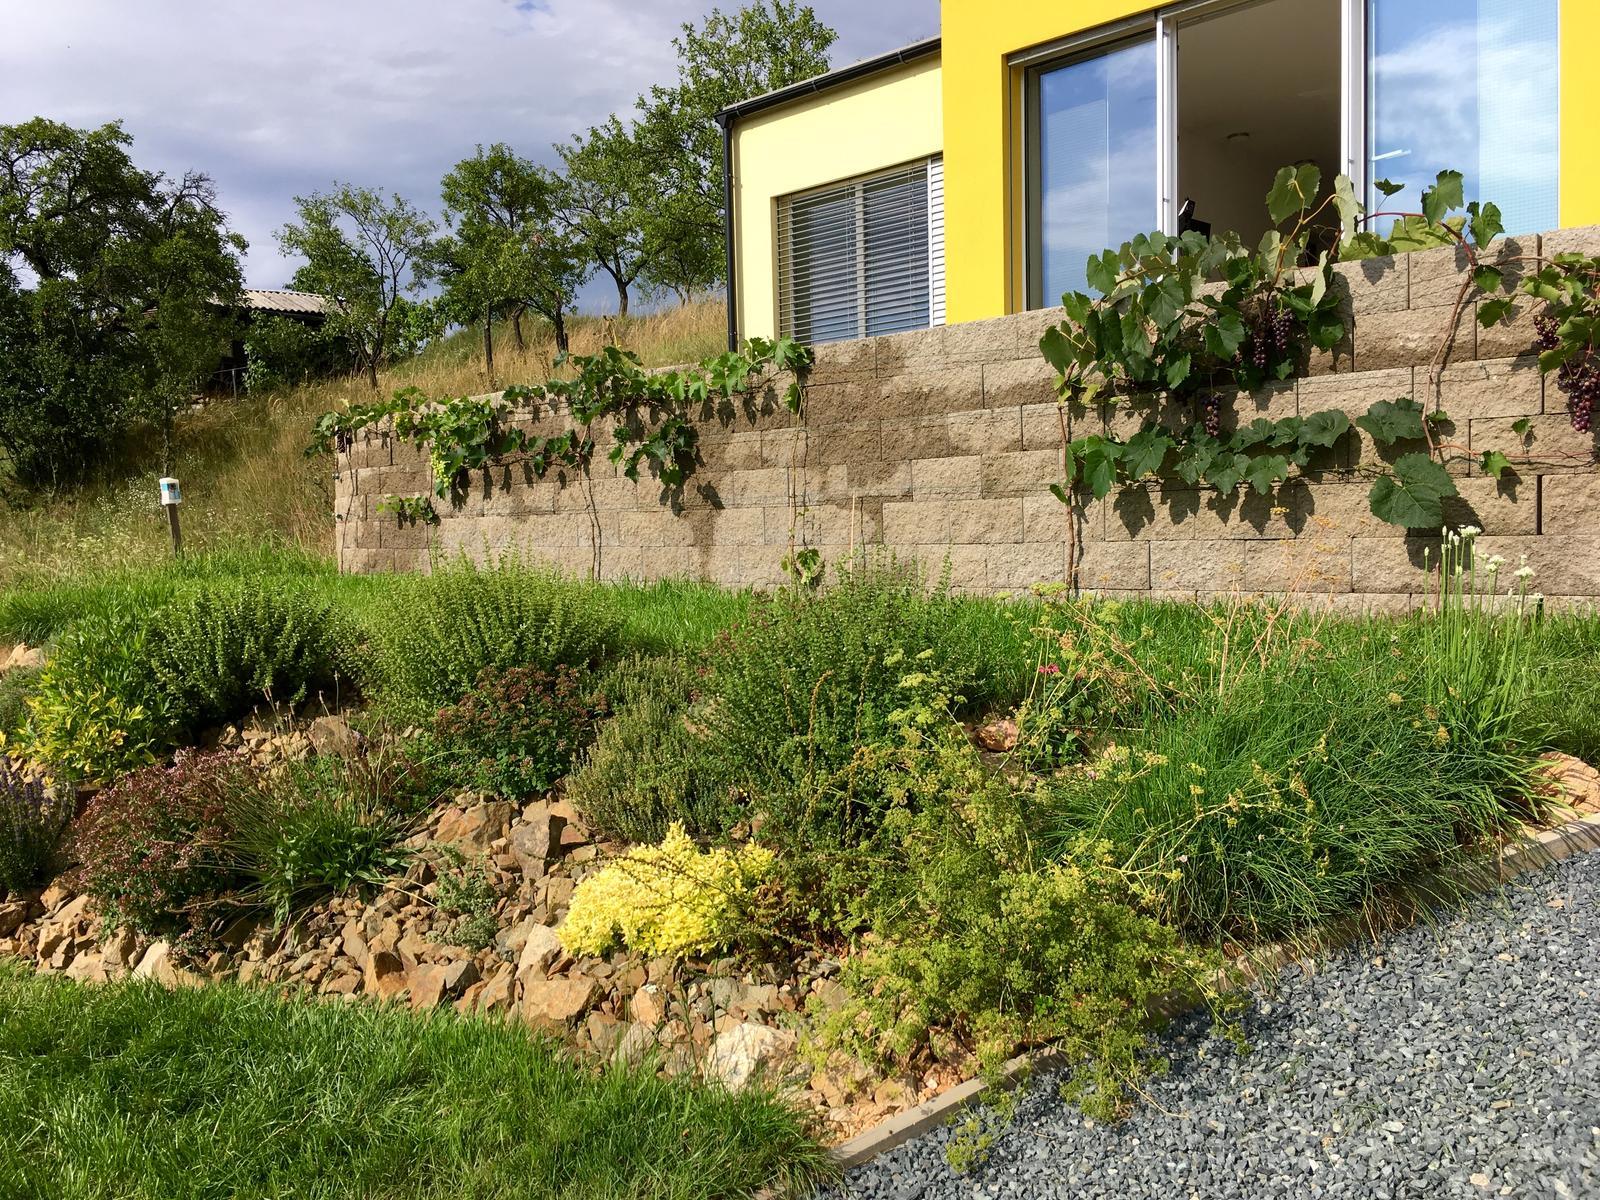 Skřítčí zahrada 2015 - 2020 - Srpen 2019 - bylinky a vinná réva, tomu se na našem JZ svahu daří skvěle